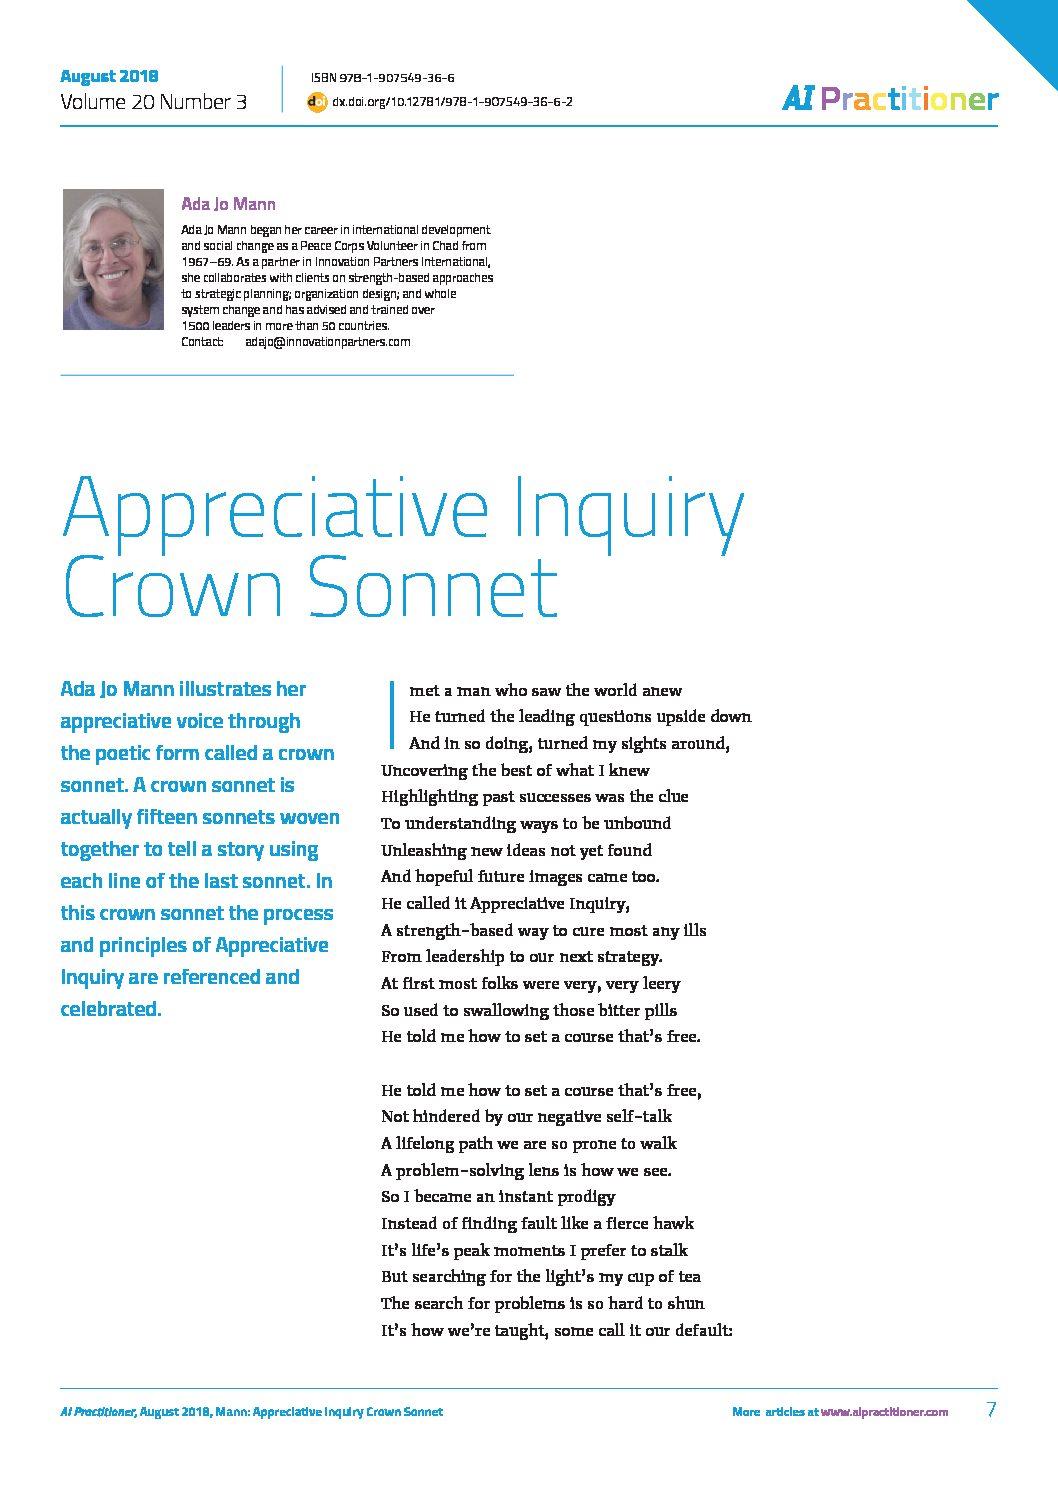 aip-august18-appreciative-voice-crown-sonnet